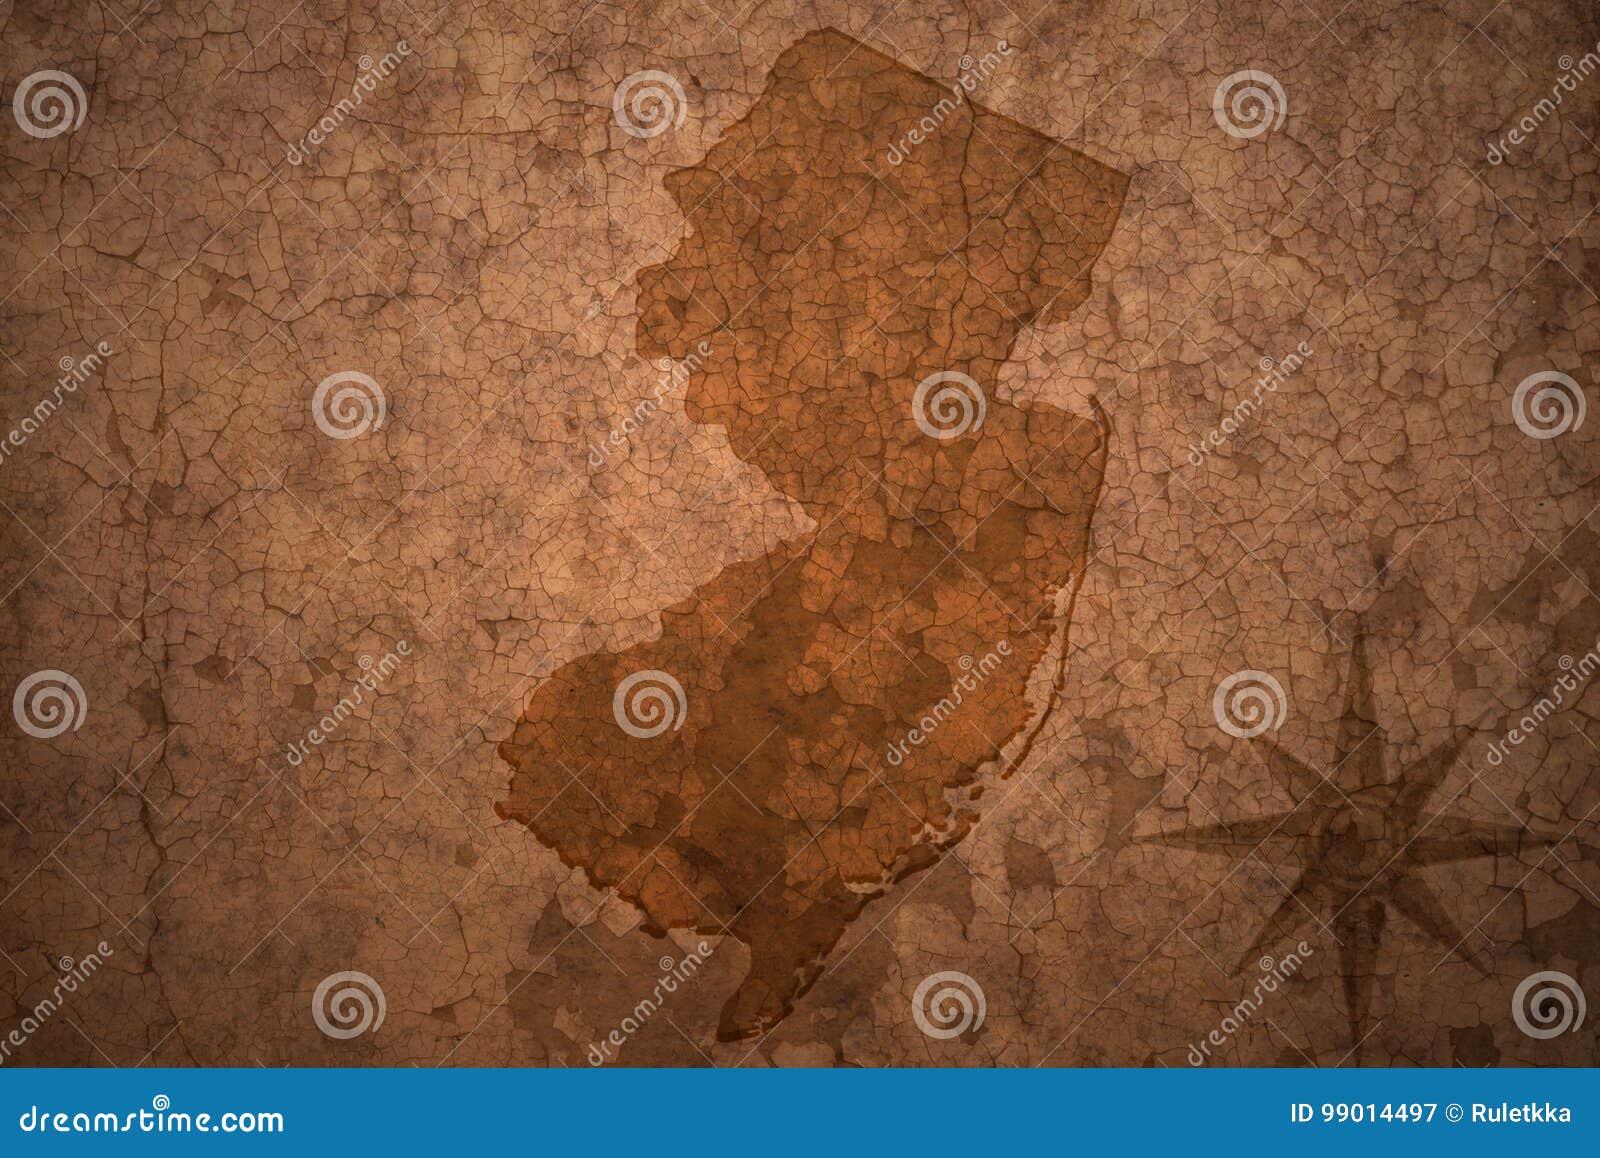 Mapa del estado de New Jersey en un viejo fondo del papel del vintage